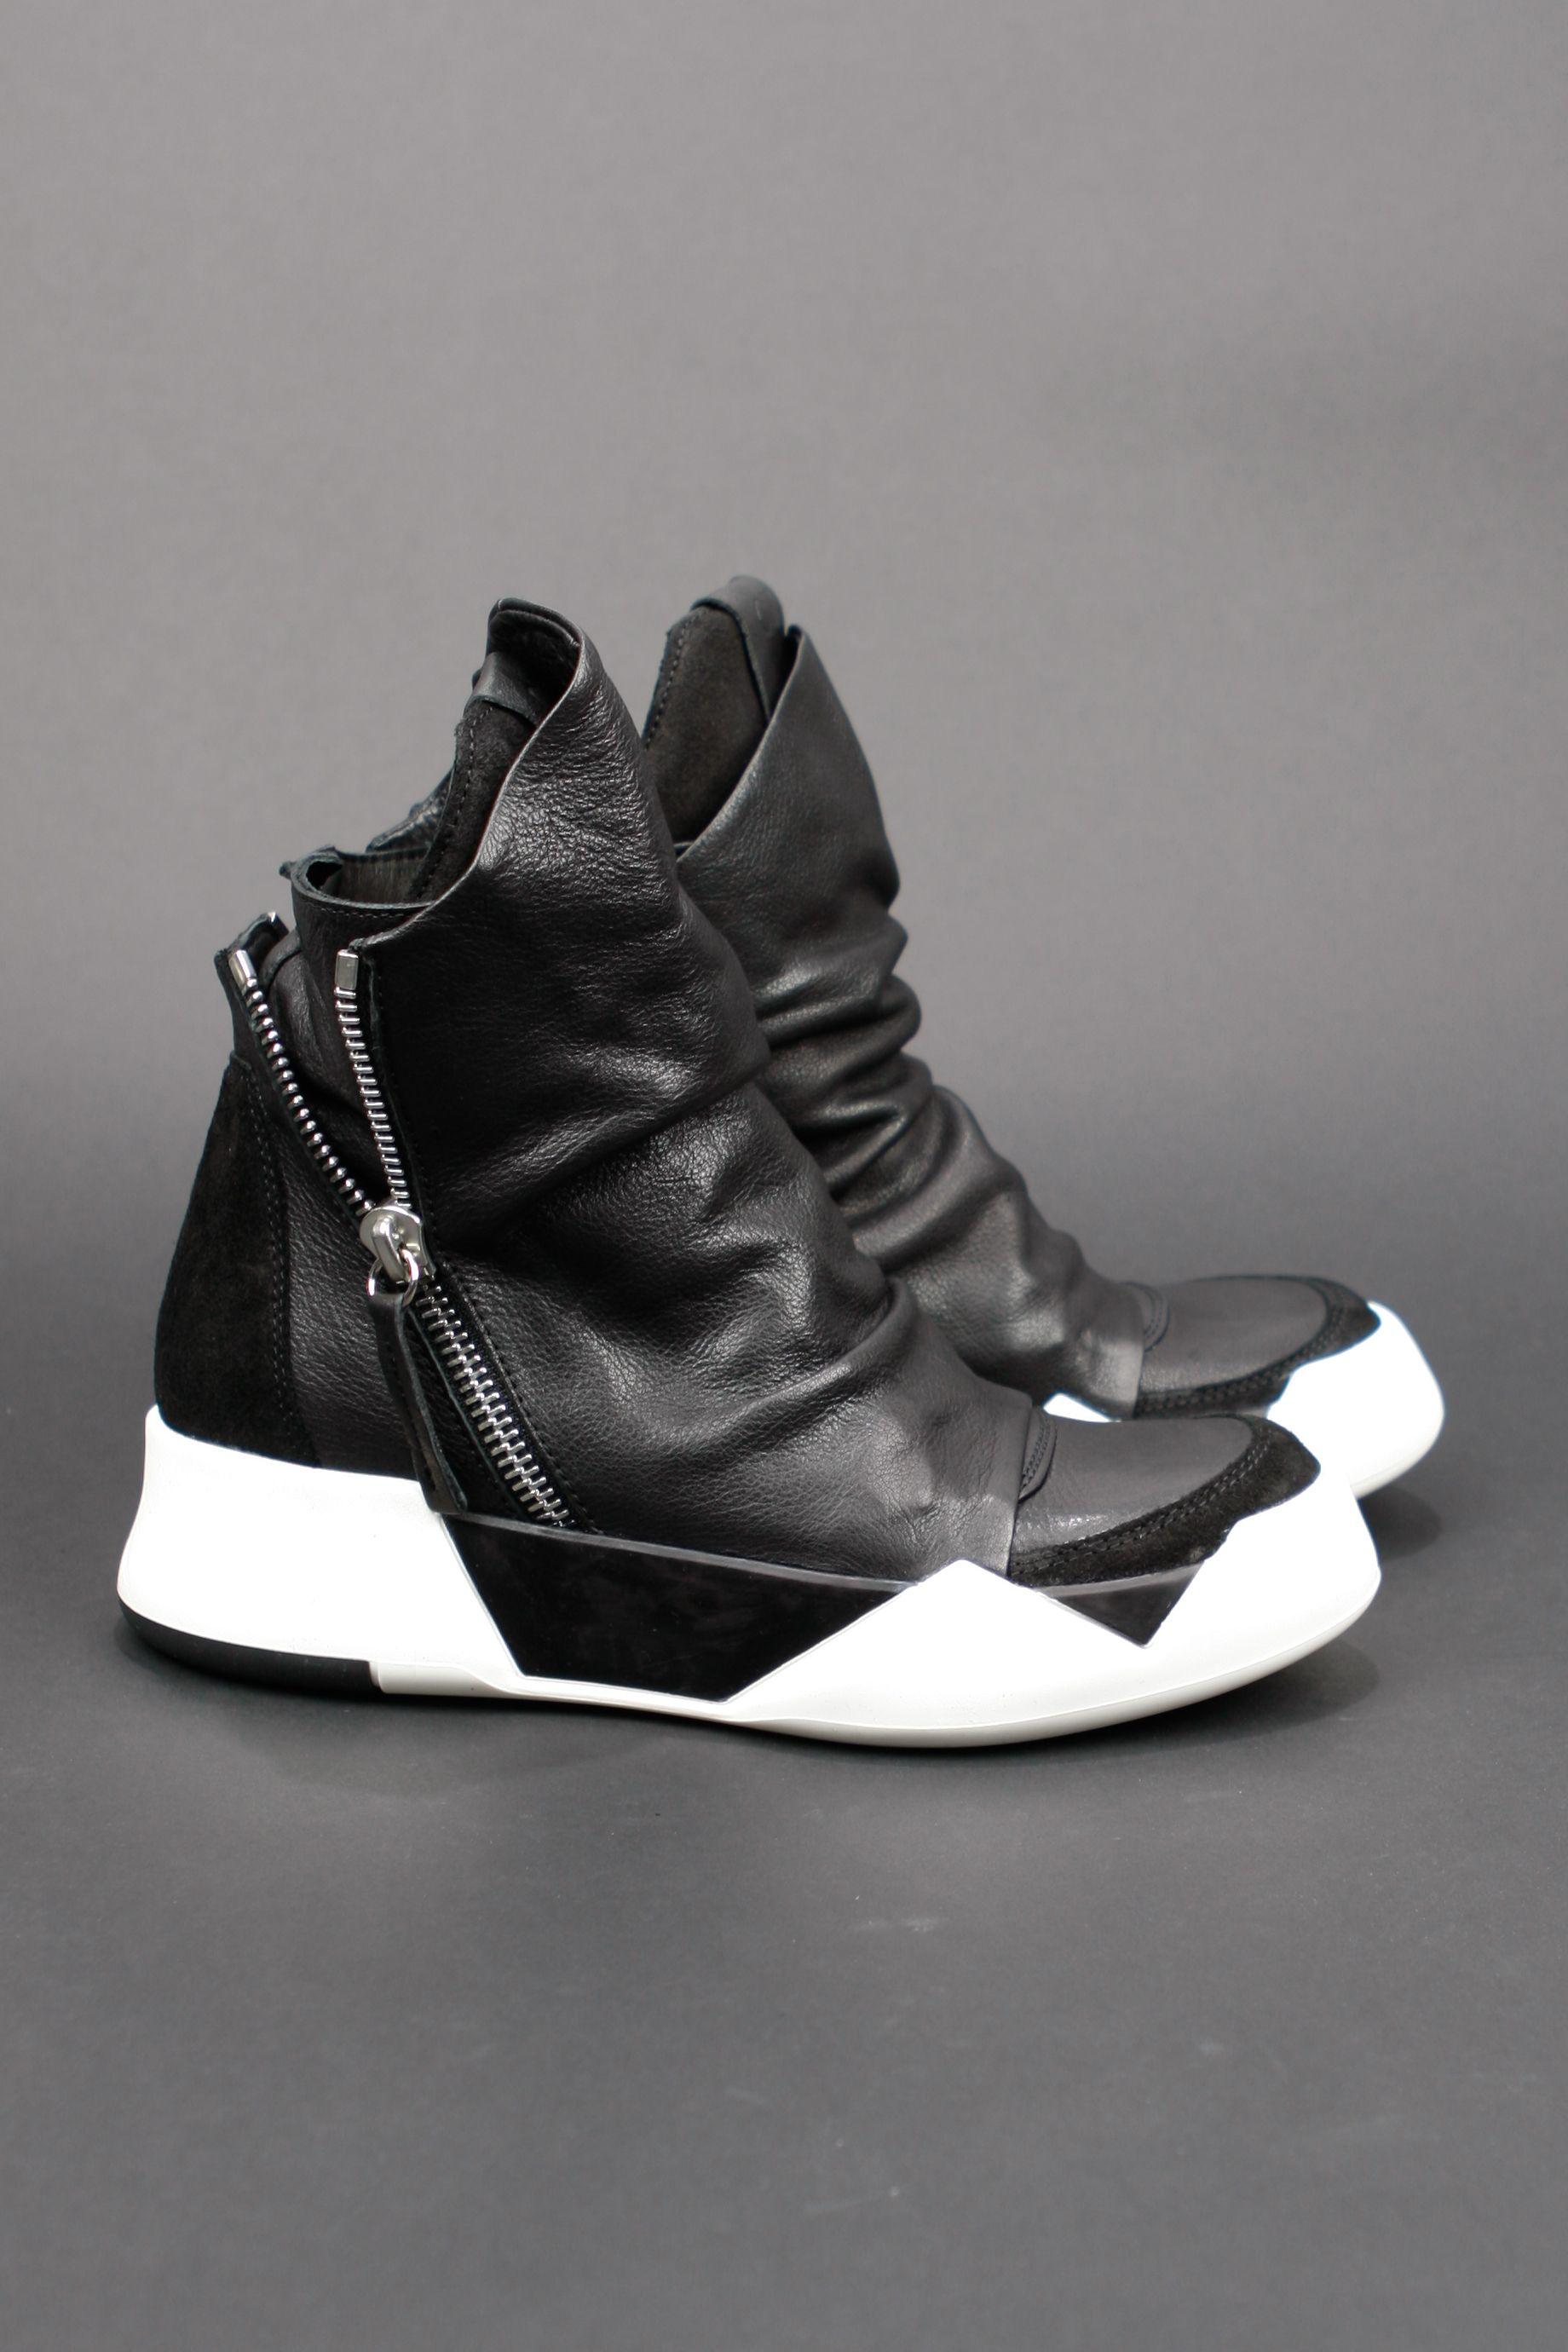 Buy CINZIA ARAIA Shoes online: Shop Woman Shoes by CINZIA ARAIA